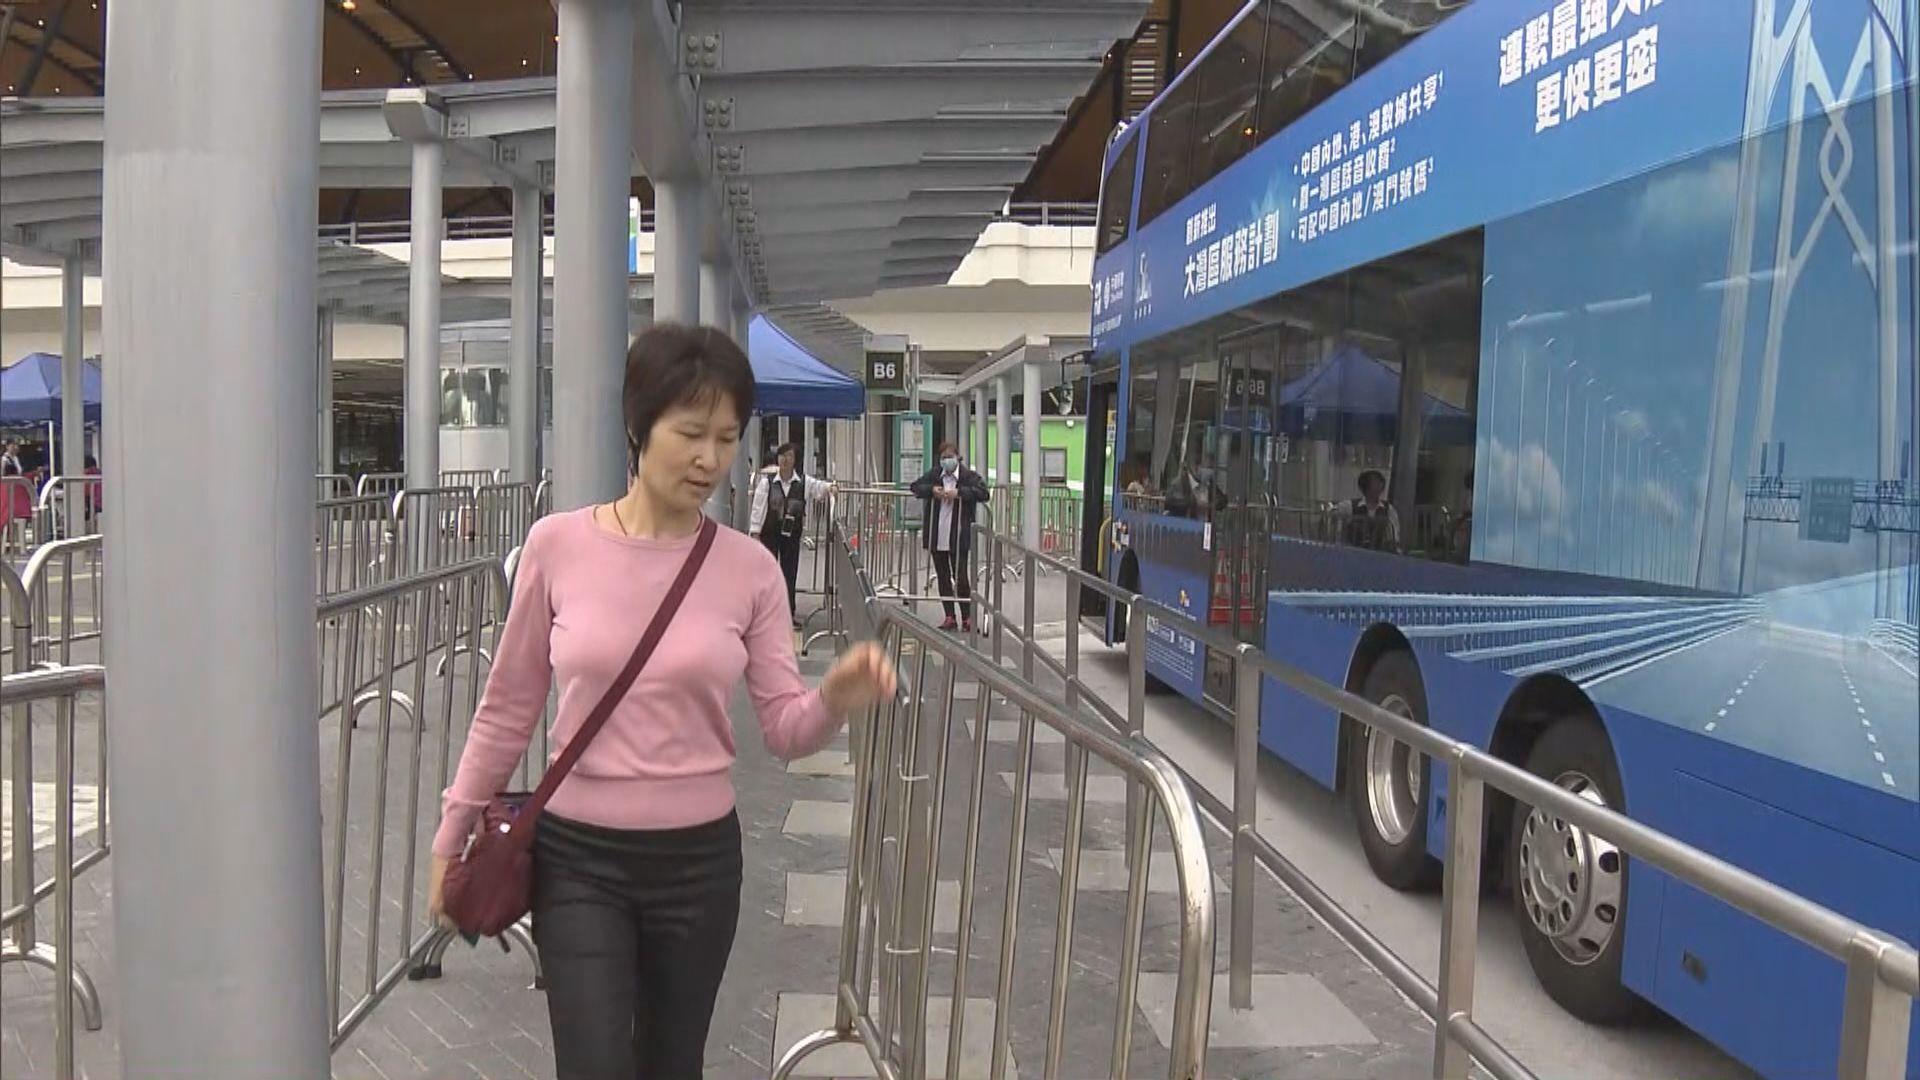 前往東涌的旅客減少 出現「車等人」情況